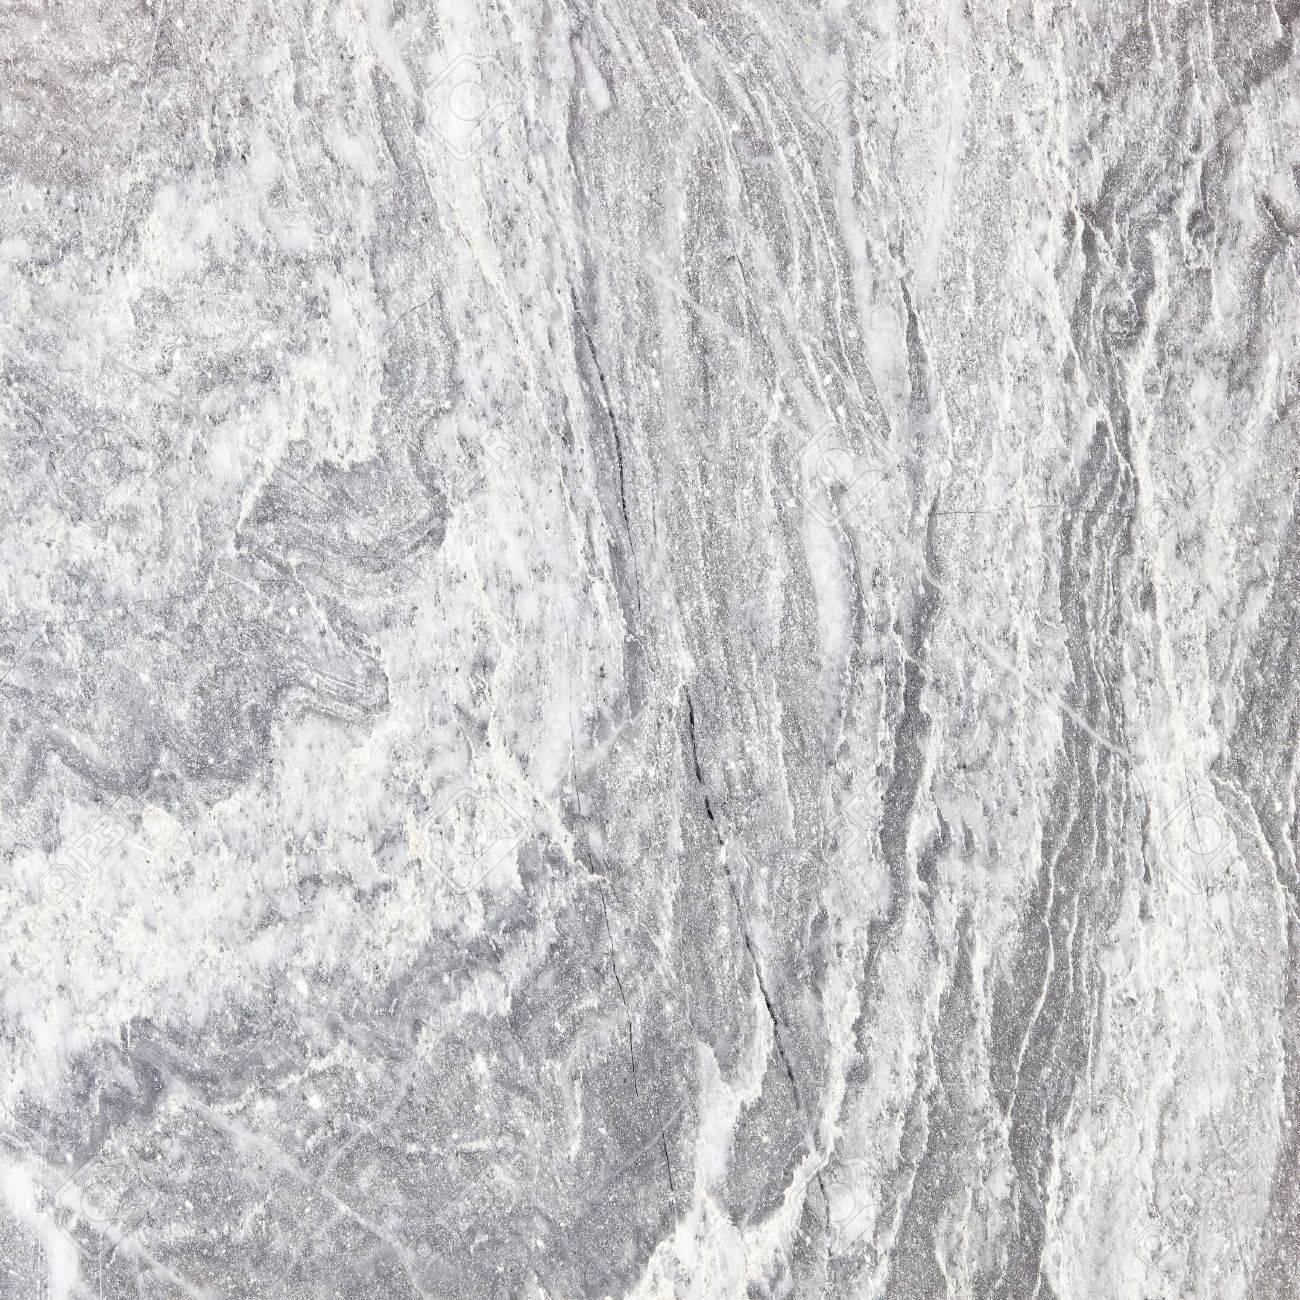 Marmor Stein Hintergrund Granit Grunge Natur Detail ...